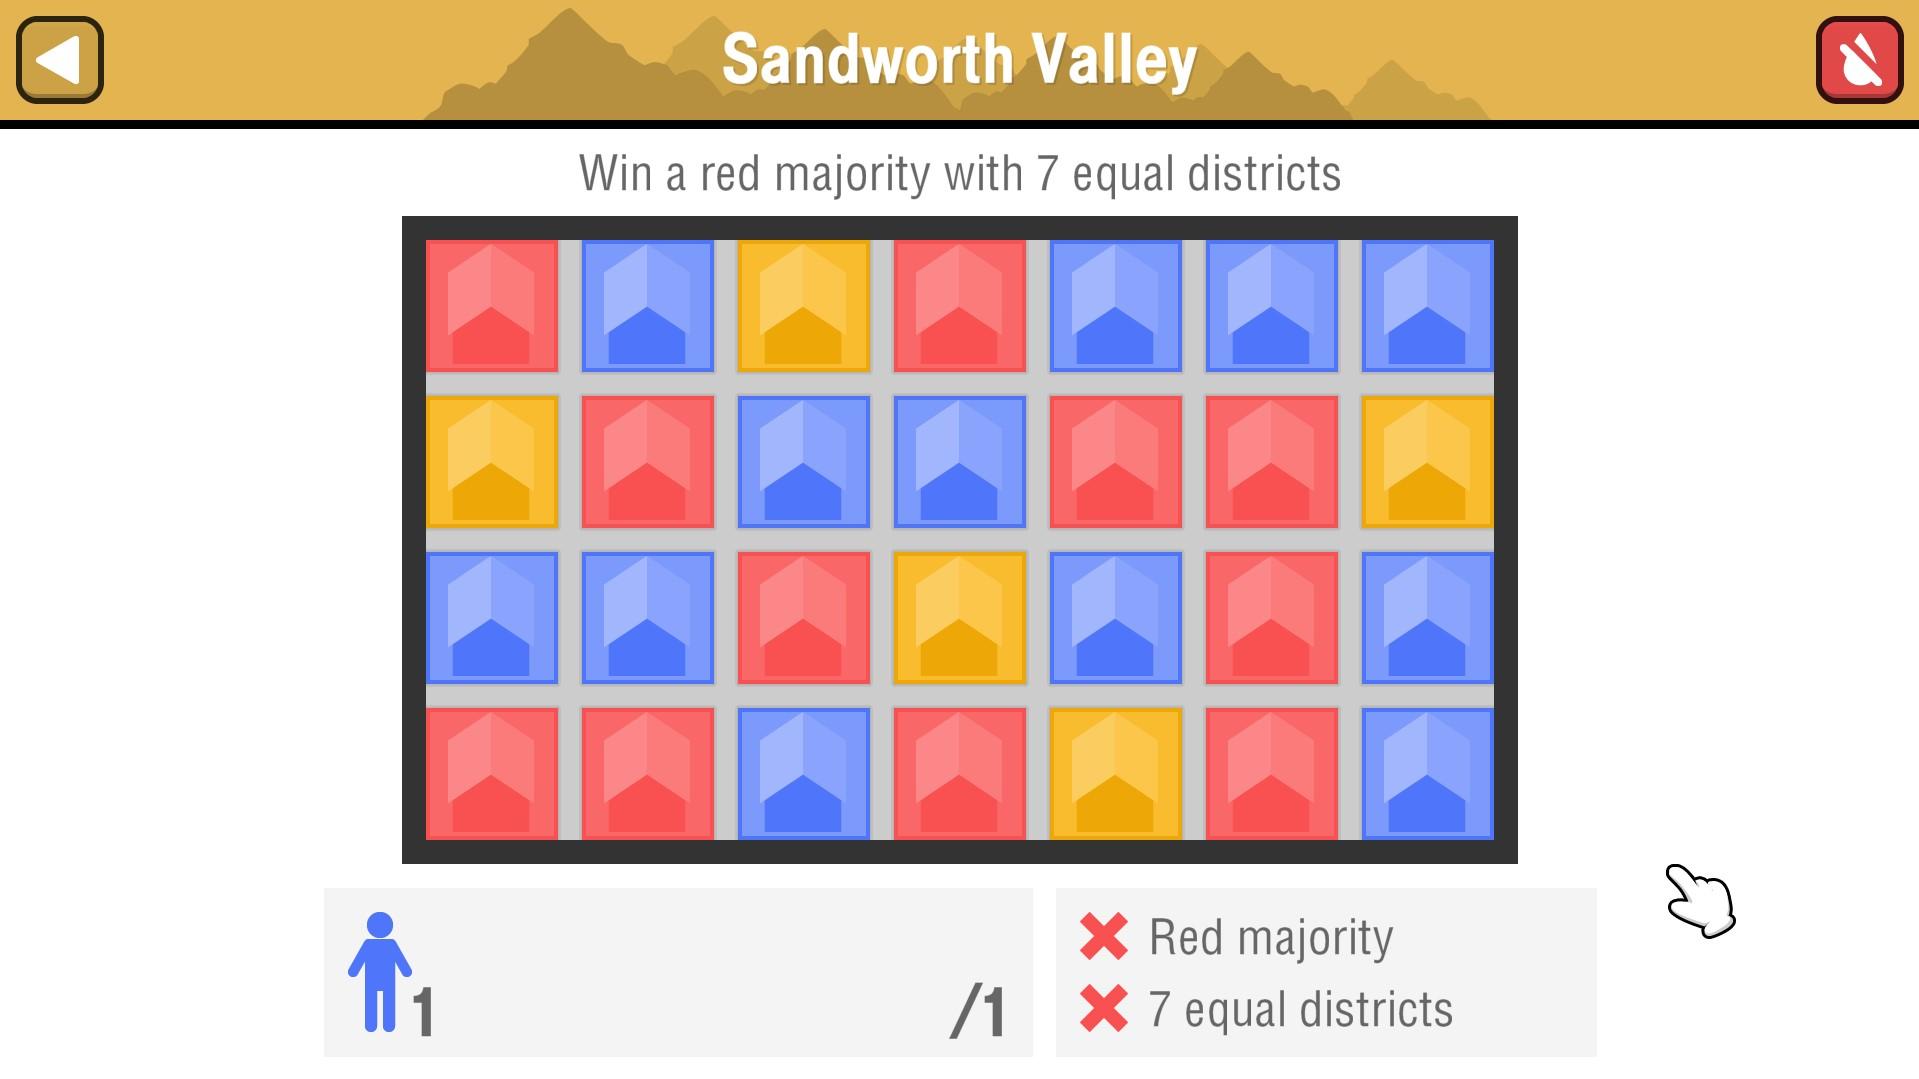 Sandworth Valley